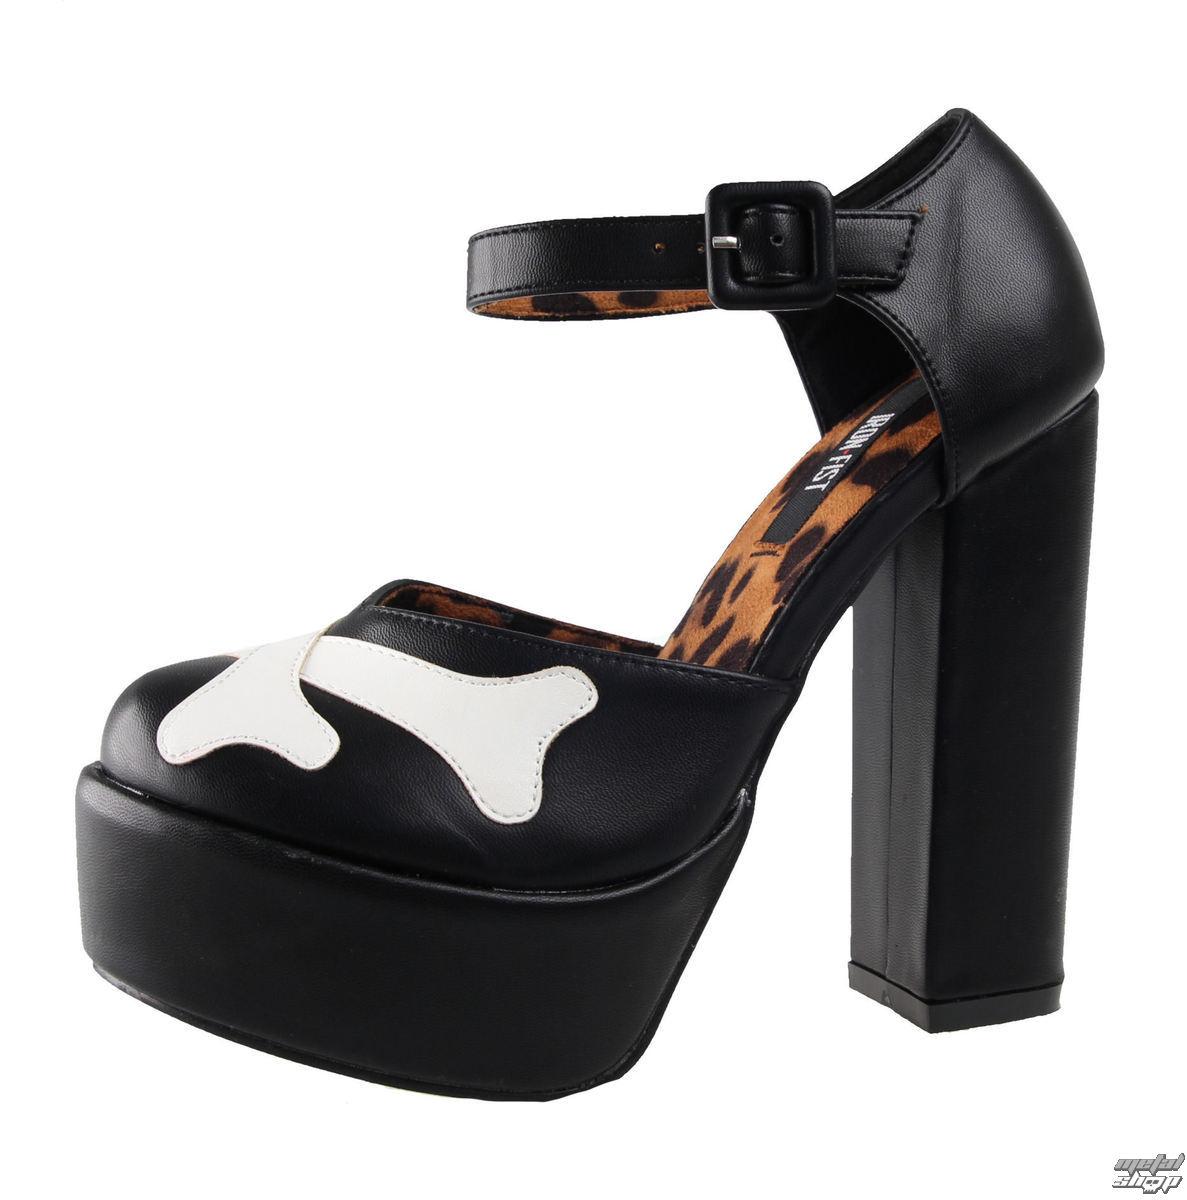 boty dámské (střevíce) IRON FIST - Hey You Guys - IFW005119-Black